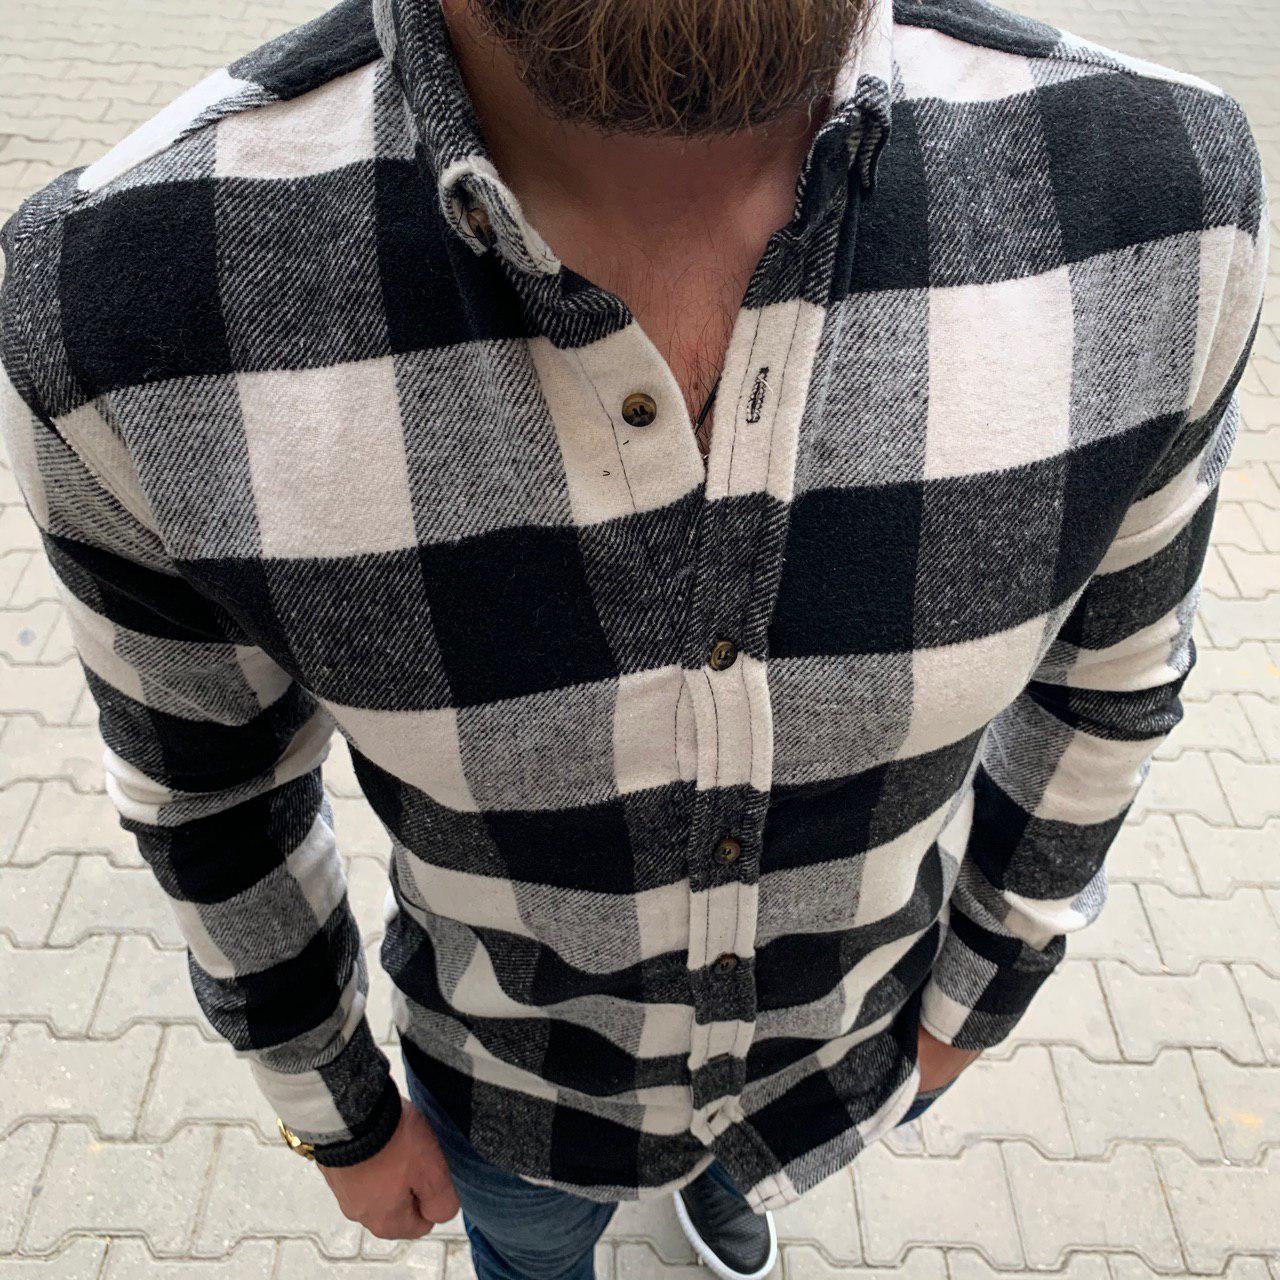 Рубашка мужская утеплённая стильная на молнии с капюшоном в клетку белая с чёрным